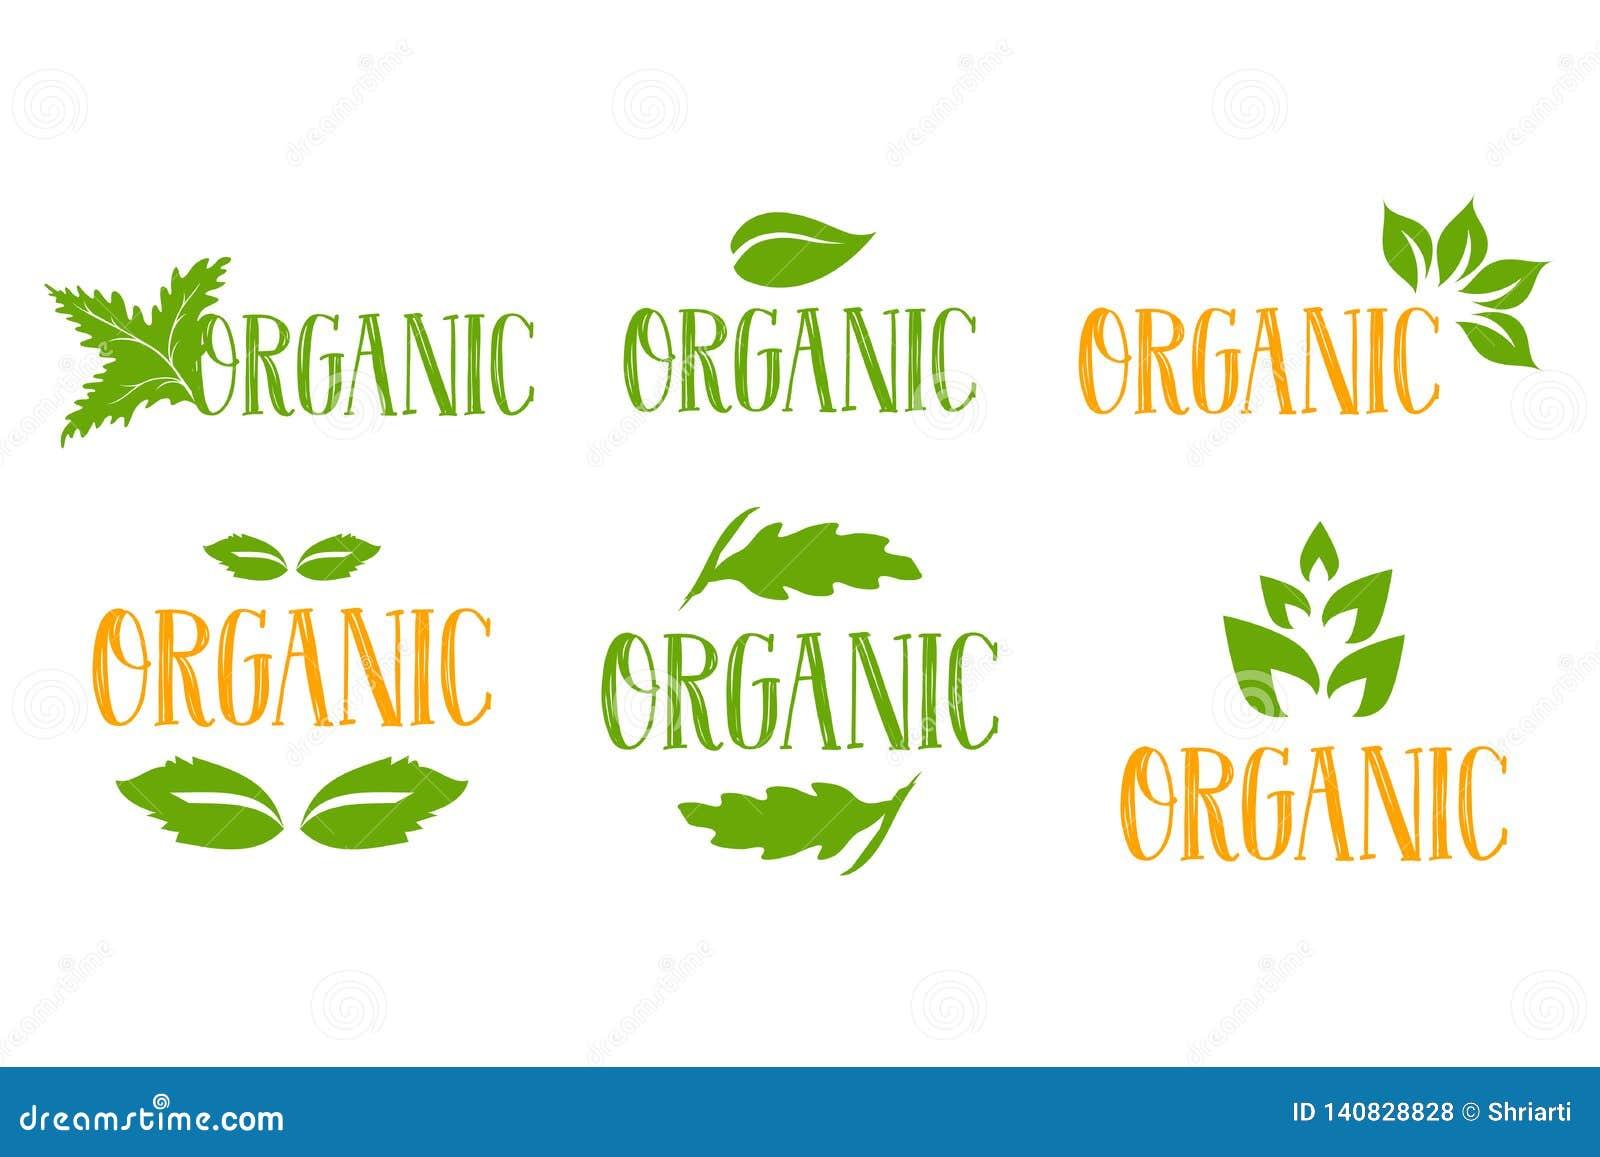 Logotipo orgânico do vetor ajustado em cores verdes e alaranjadas com diversos tipos de folhas ervais verdes